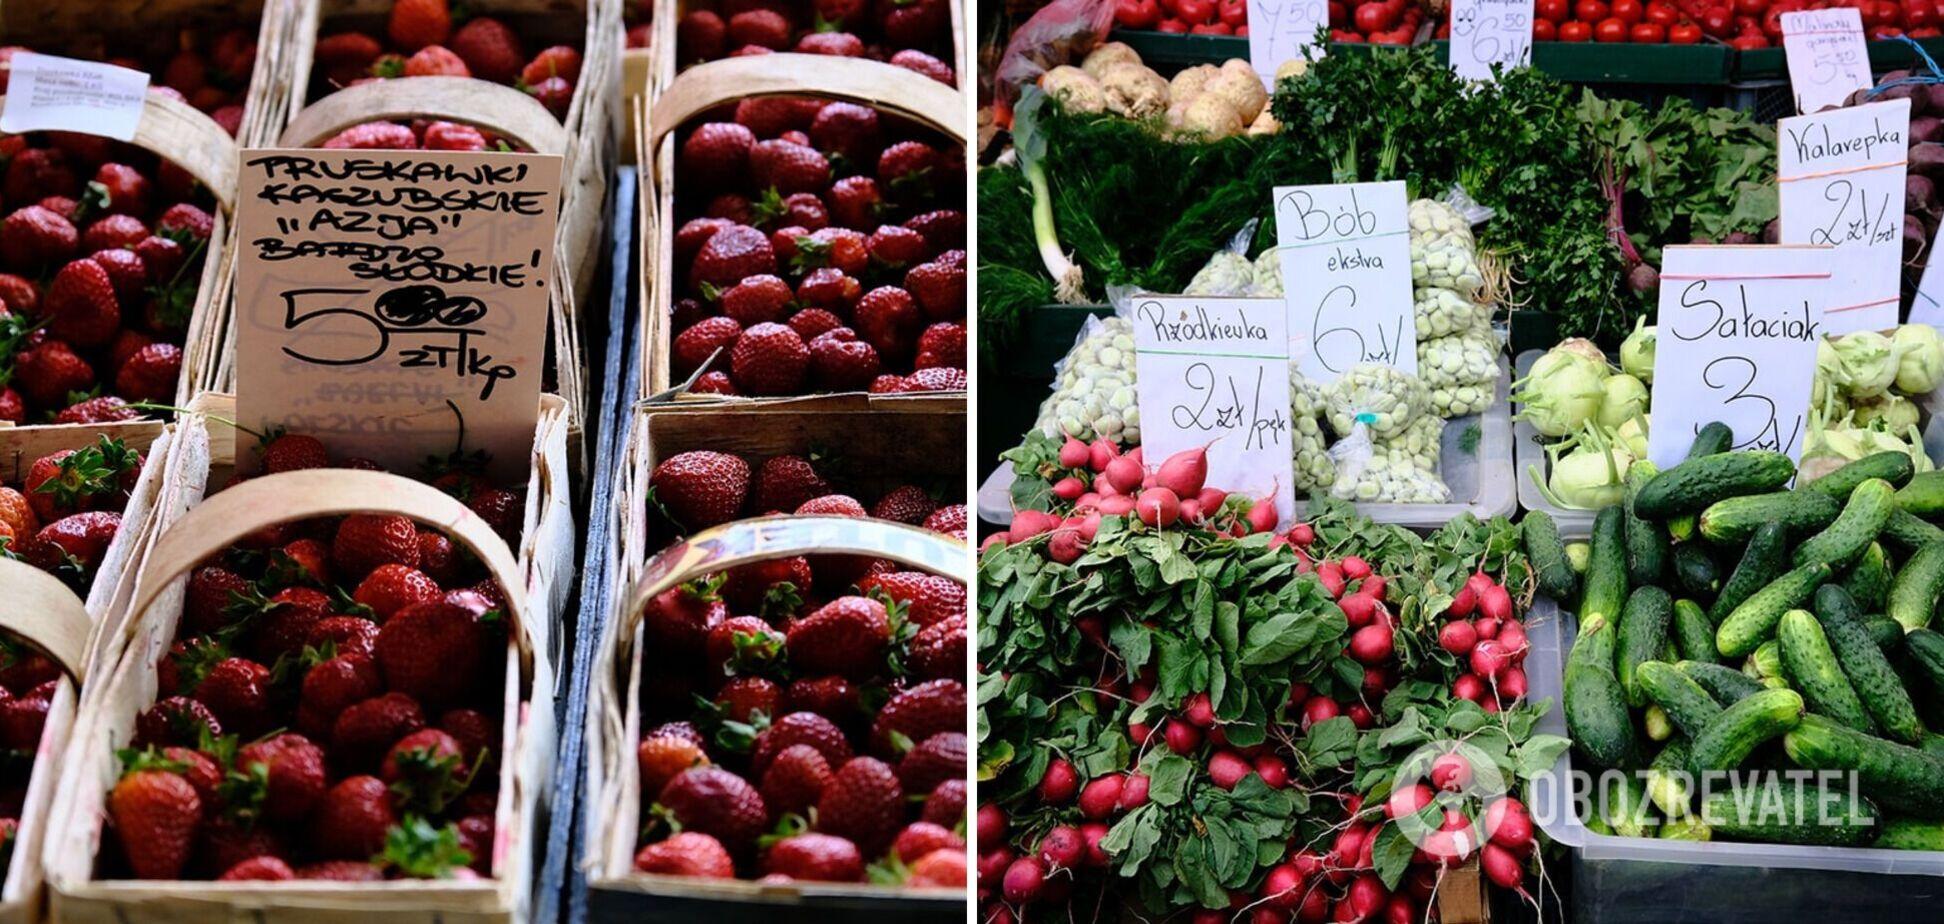 Україна, Білорусь чи Польща: де найдешевше можна купити овочі та фрукти